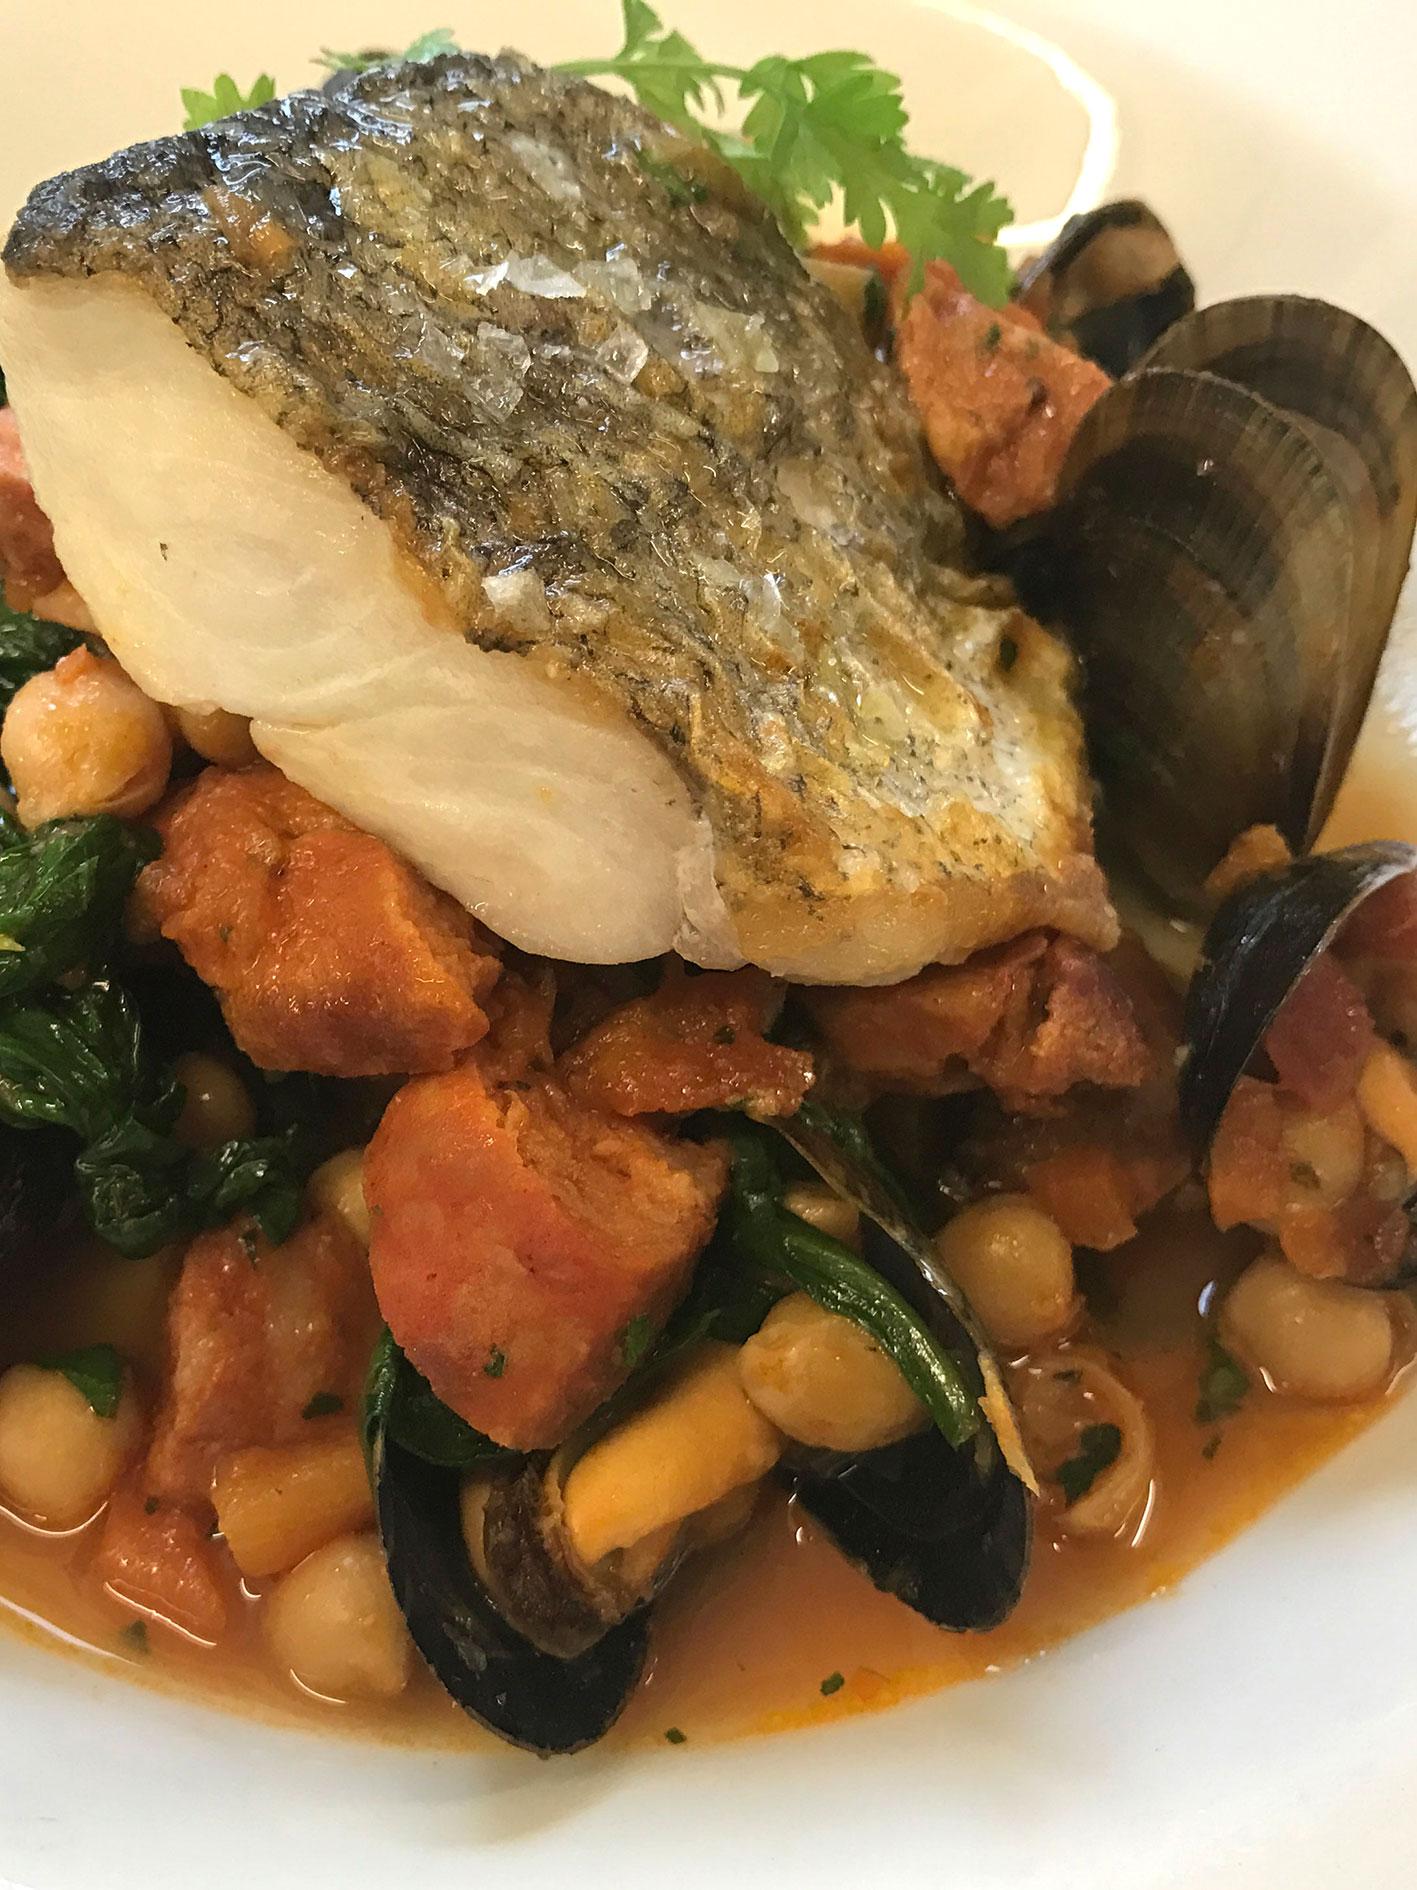 fish-mussels-lunch-gastro-pub-bath.jpg